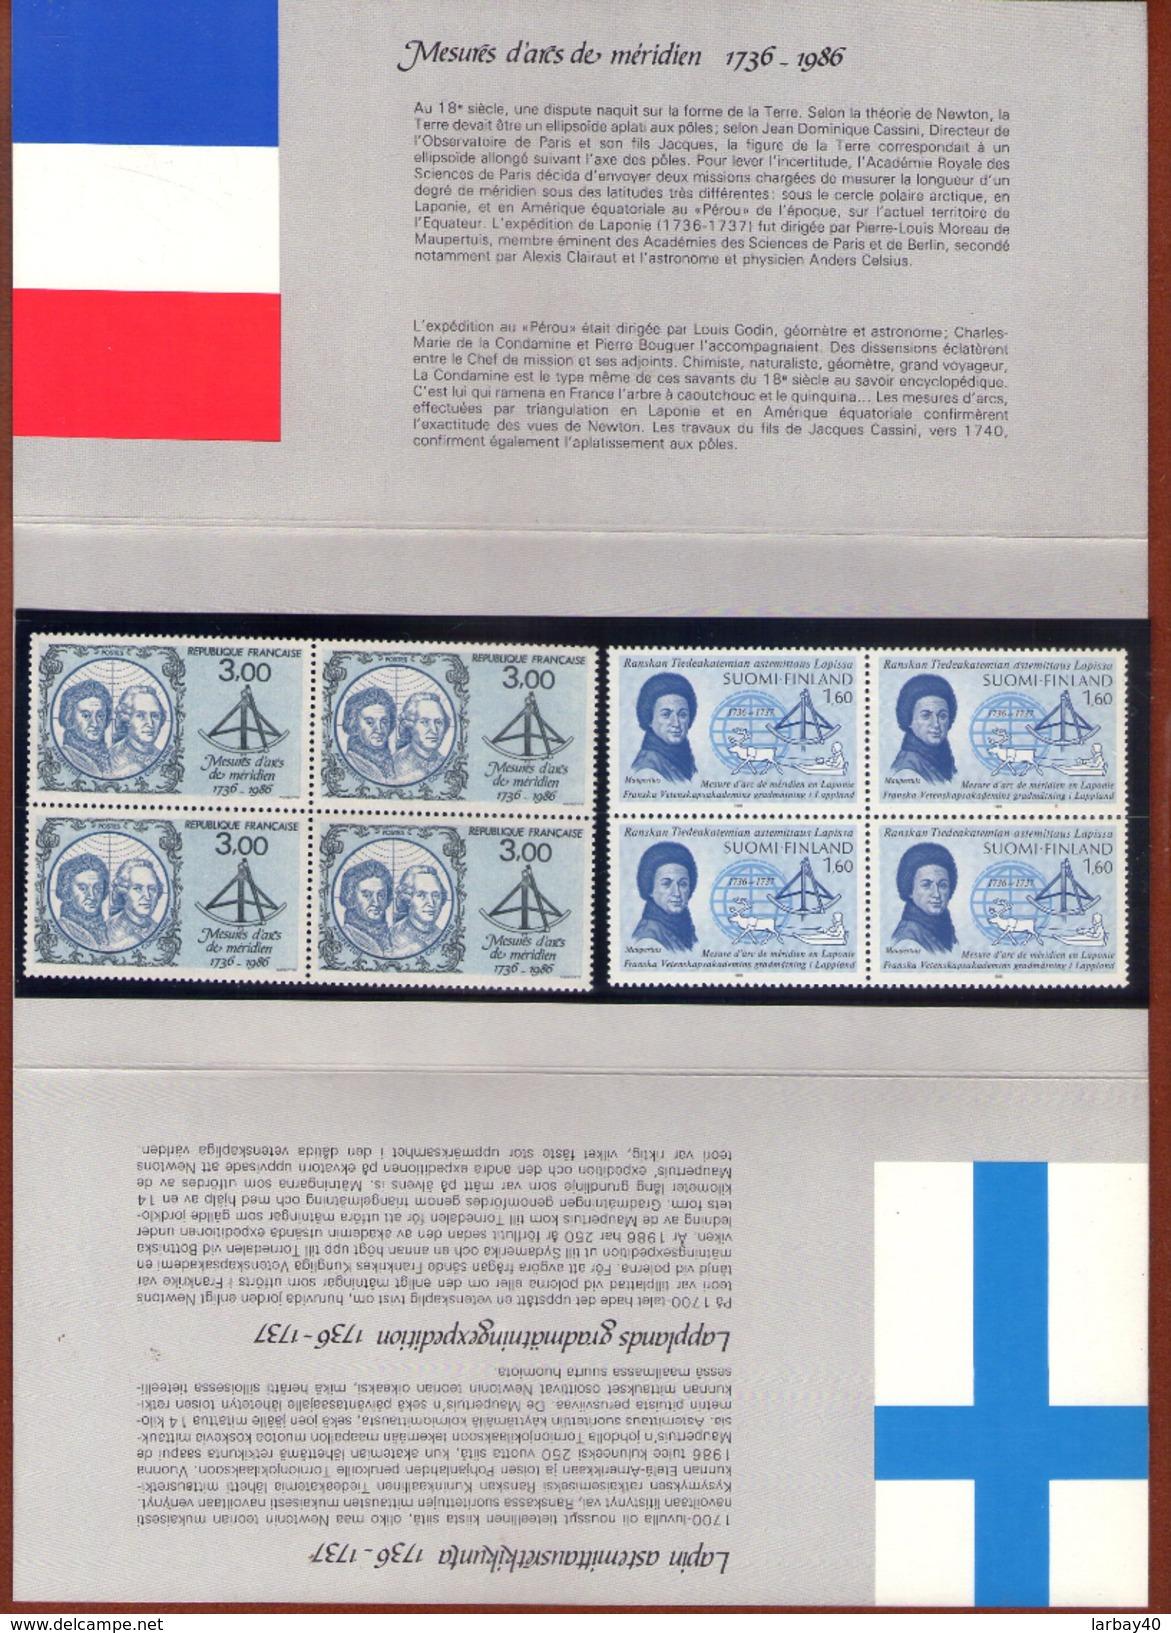 8 Timbres 1986 - Mesure D´arc Du Méridien - France